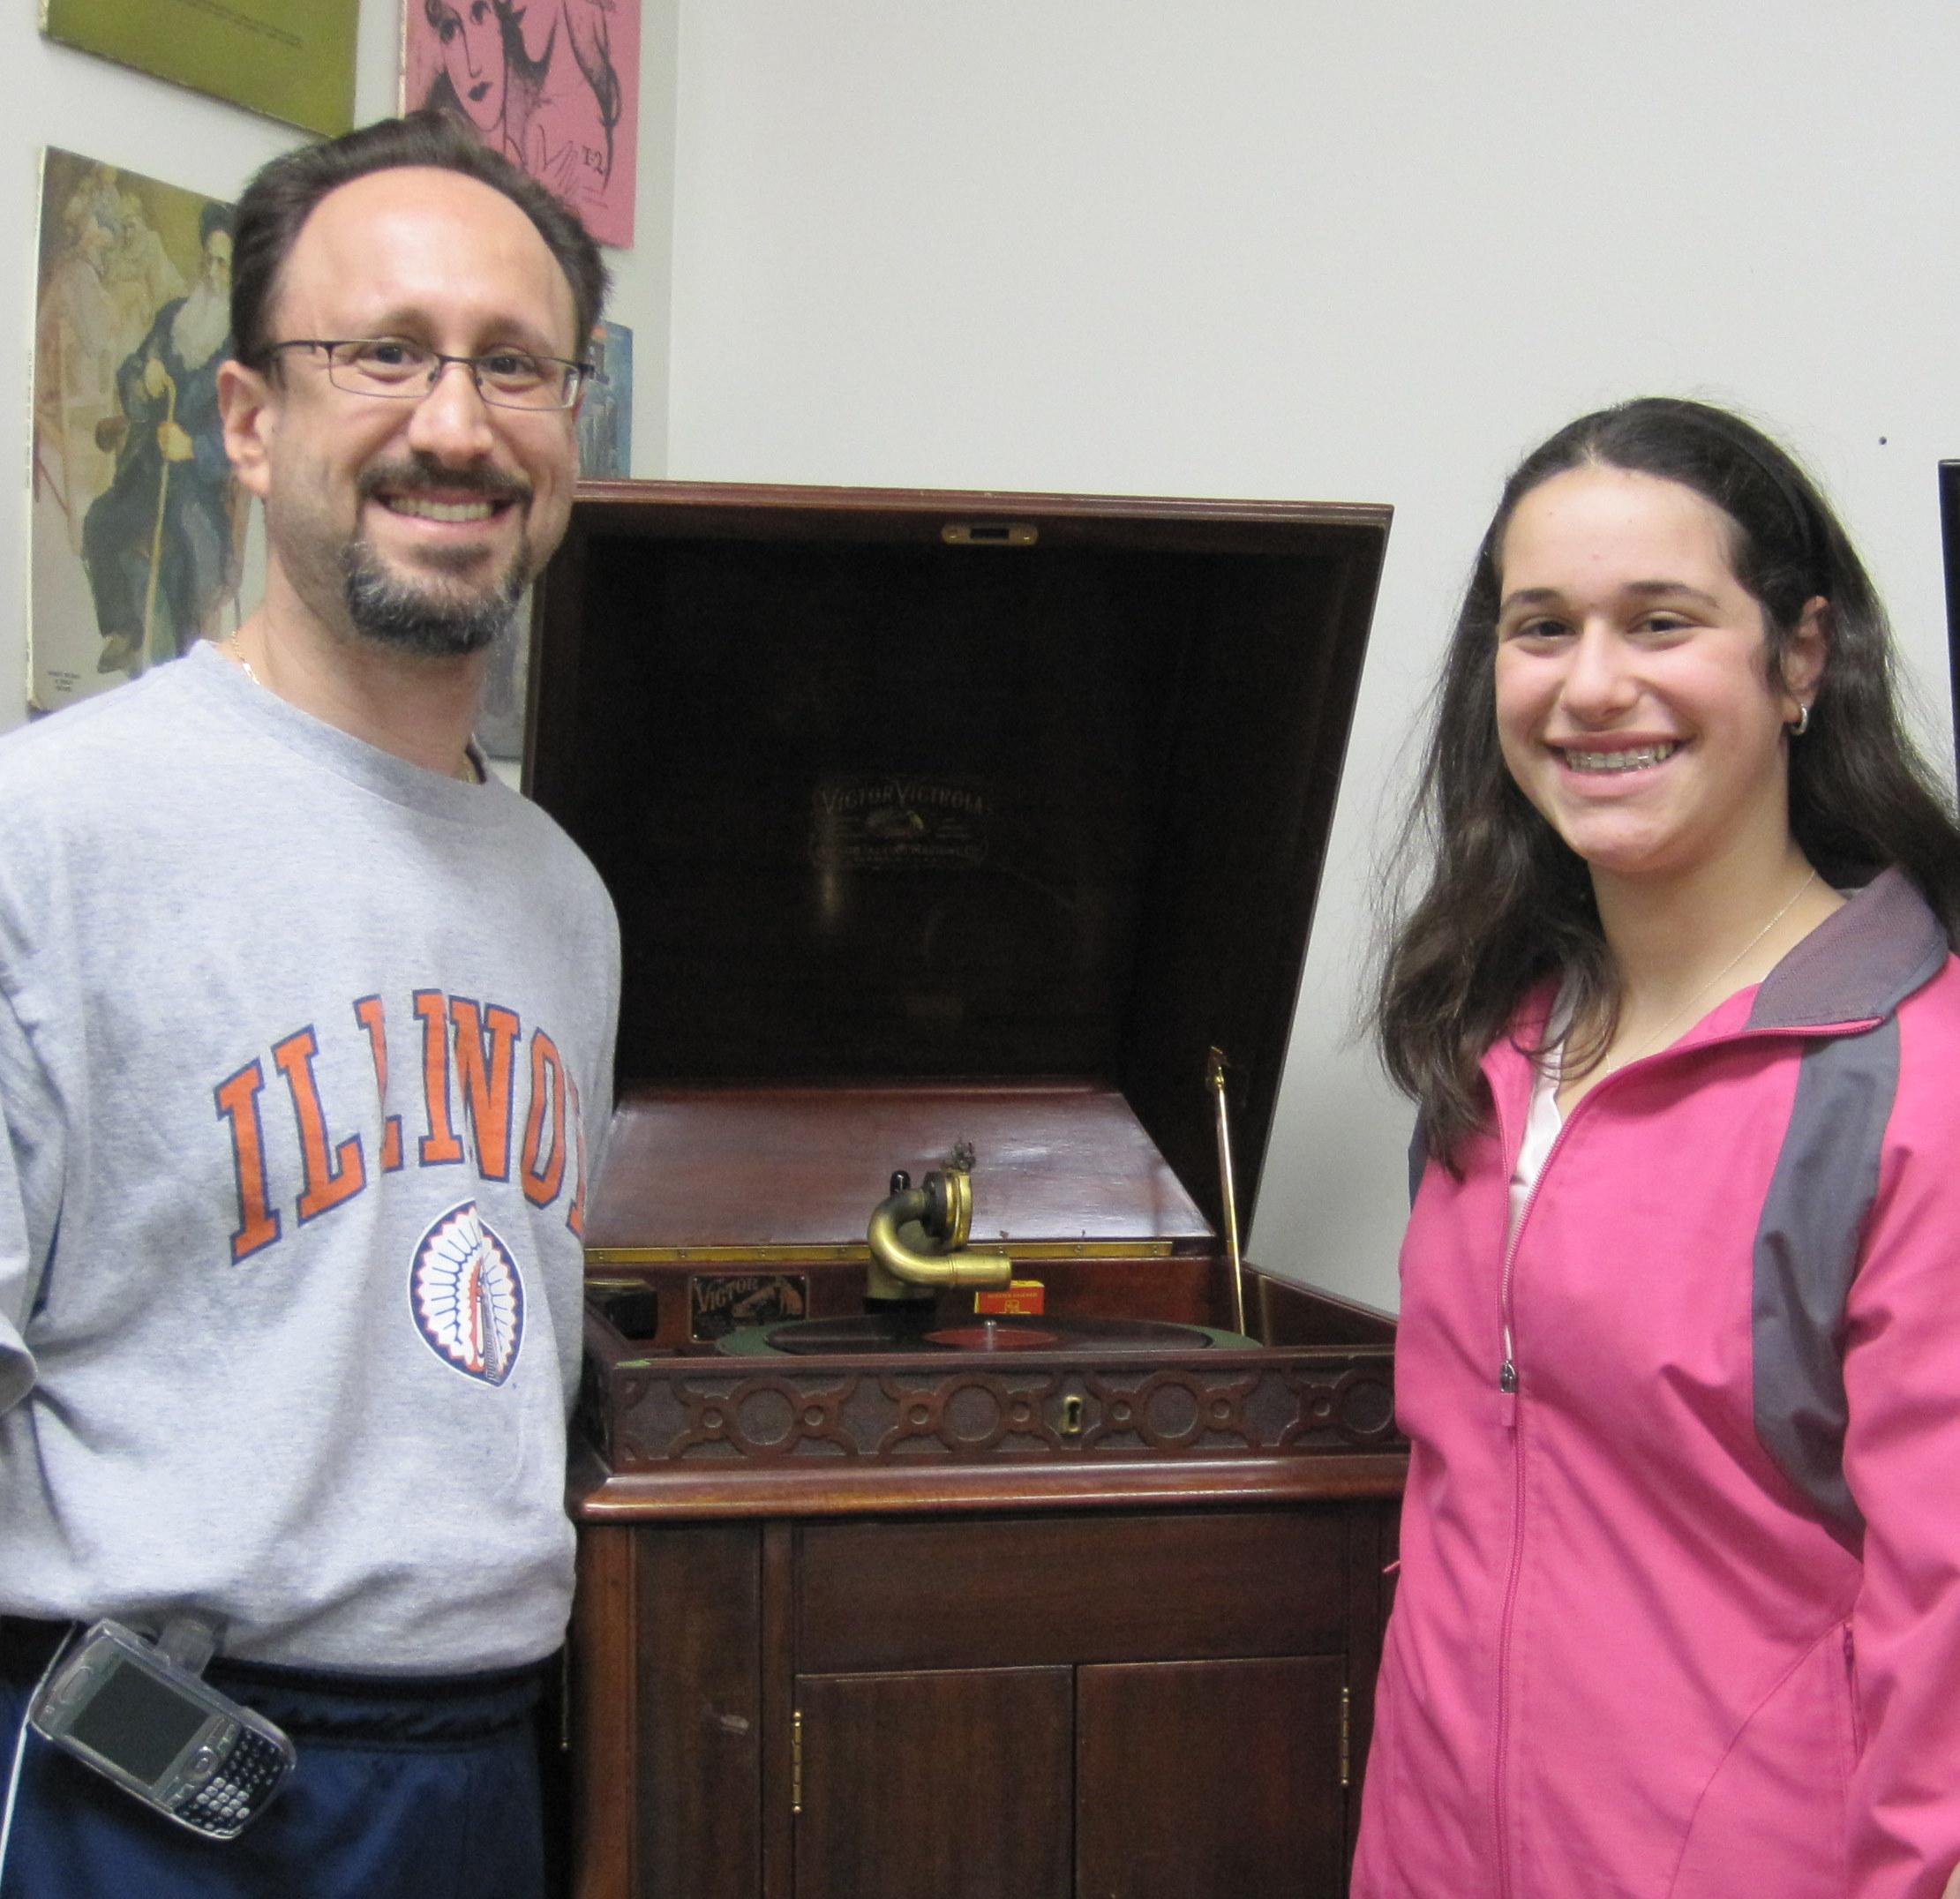 Ari and Ben Goldstein admire vintage Victrola at JSA